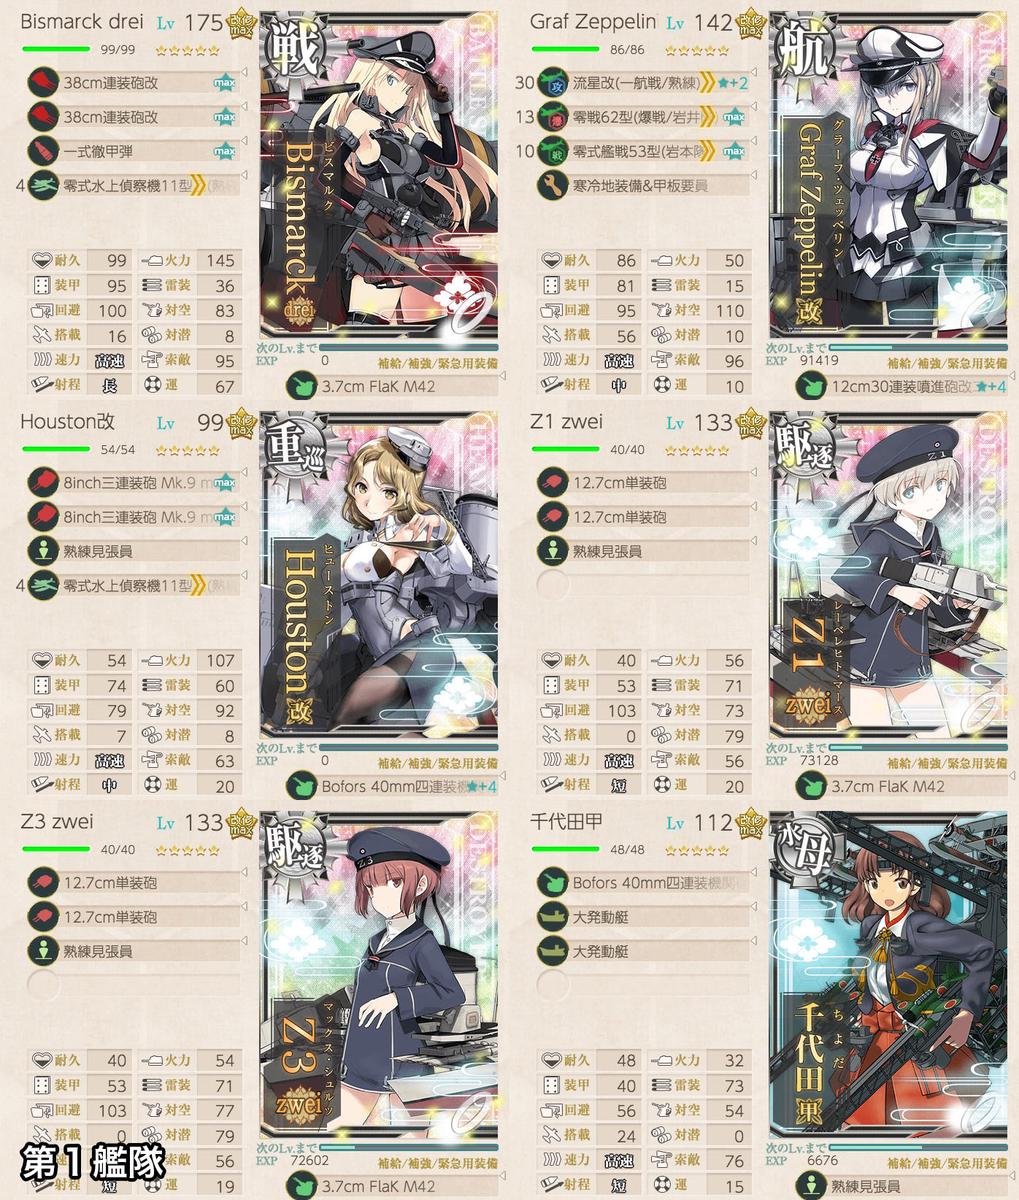 f:id:nameless_admiral:20201210024134j:plain